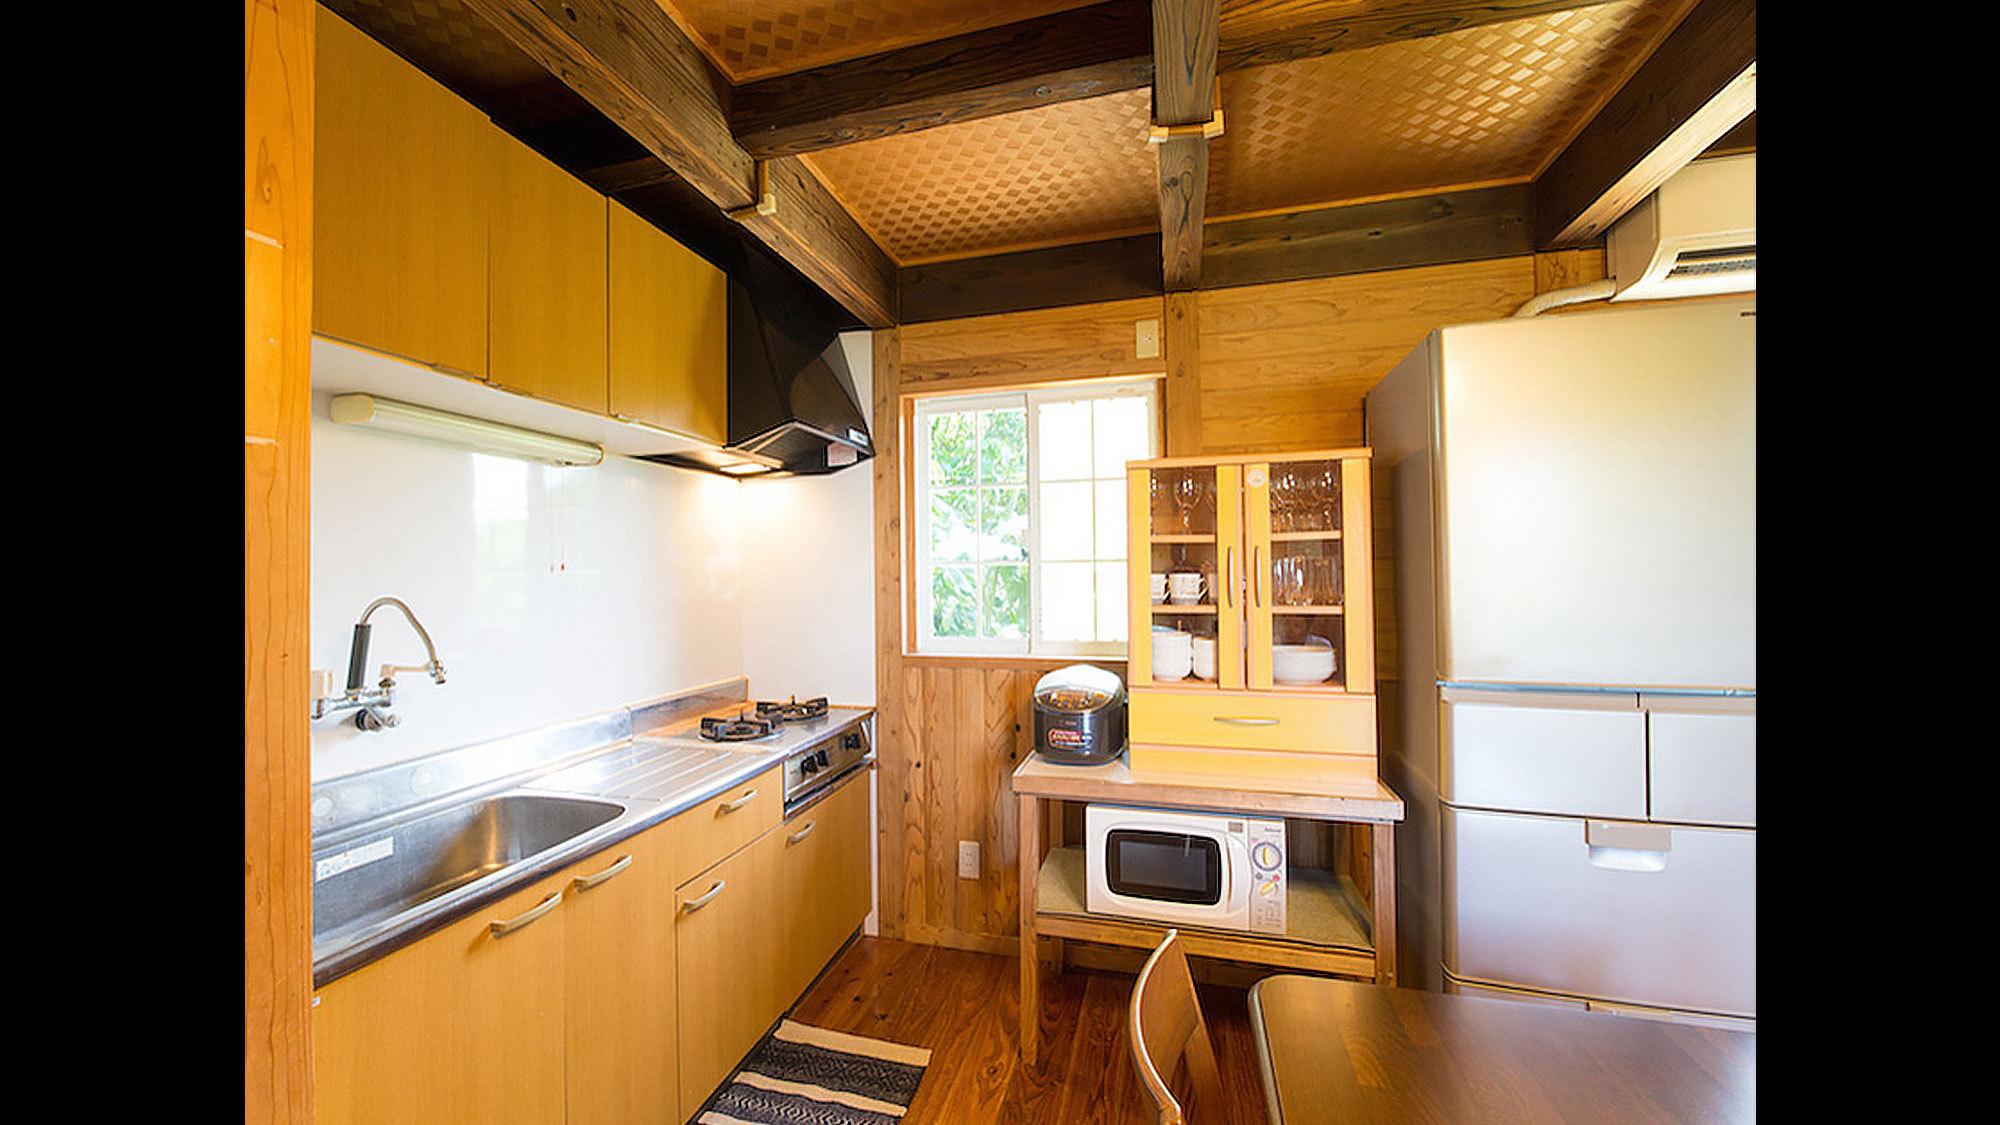 キッチンは冷蔵庫・電子レンジ・炊飯器・ガスコンロ・食器・調理器具一式完備